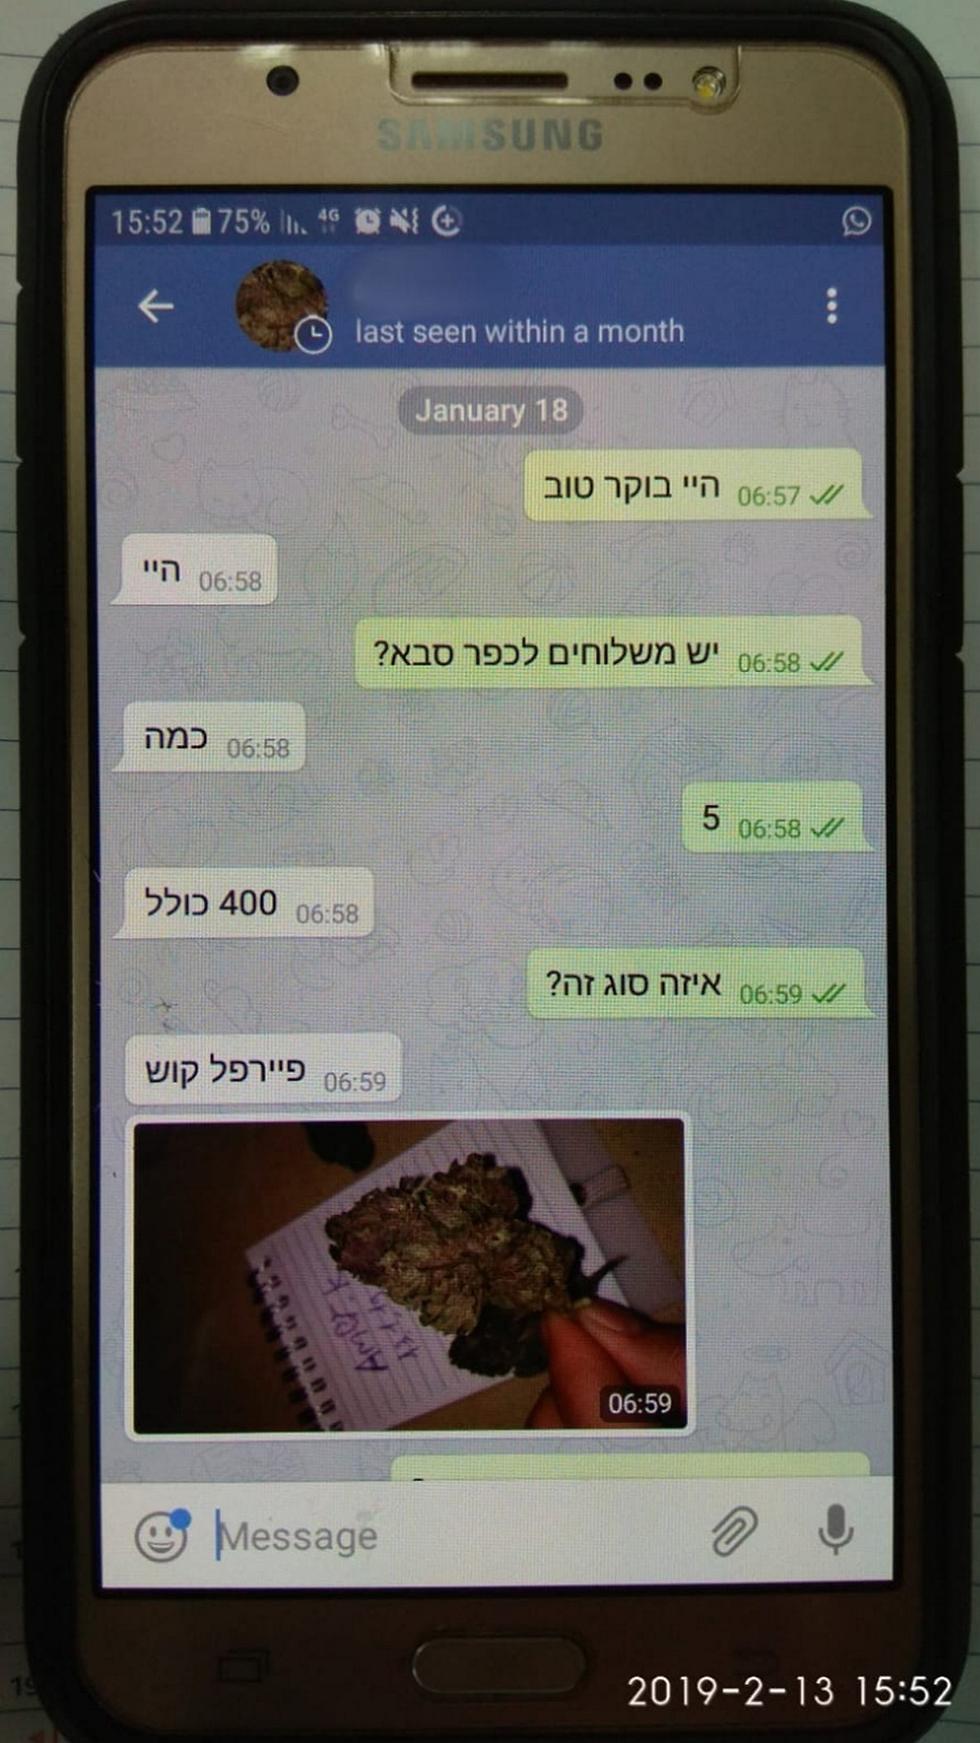 אפליקציית טלגראס (באדיבות משטרת ישראל)